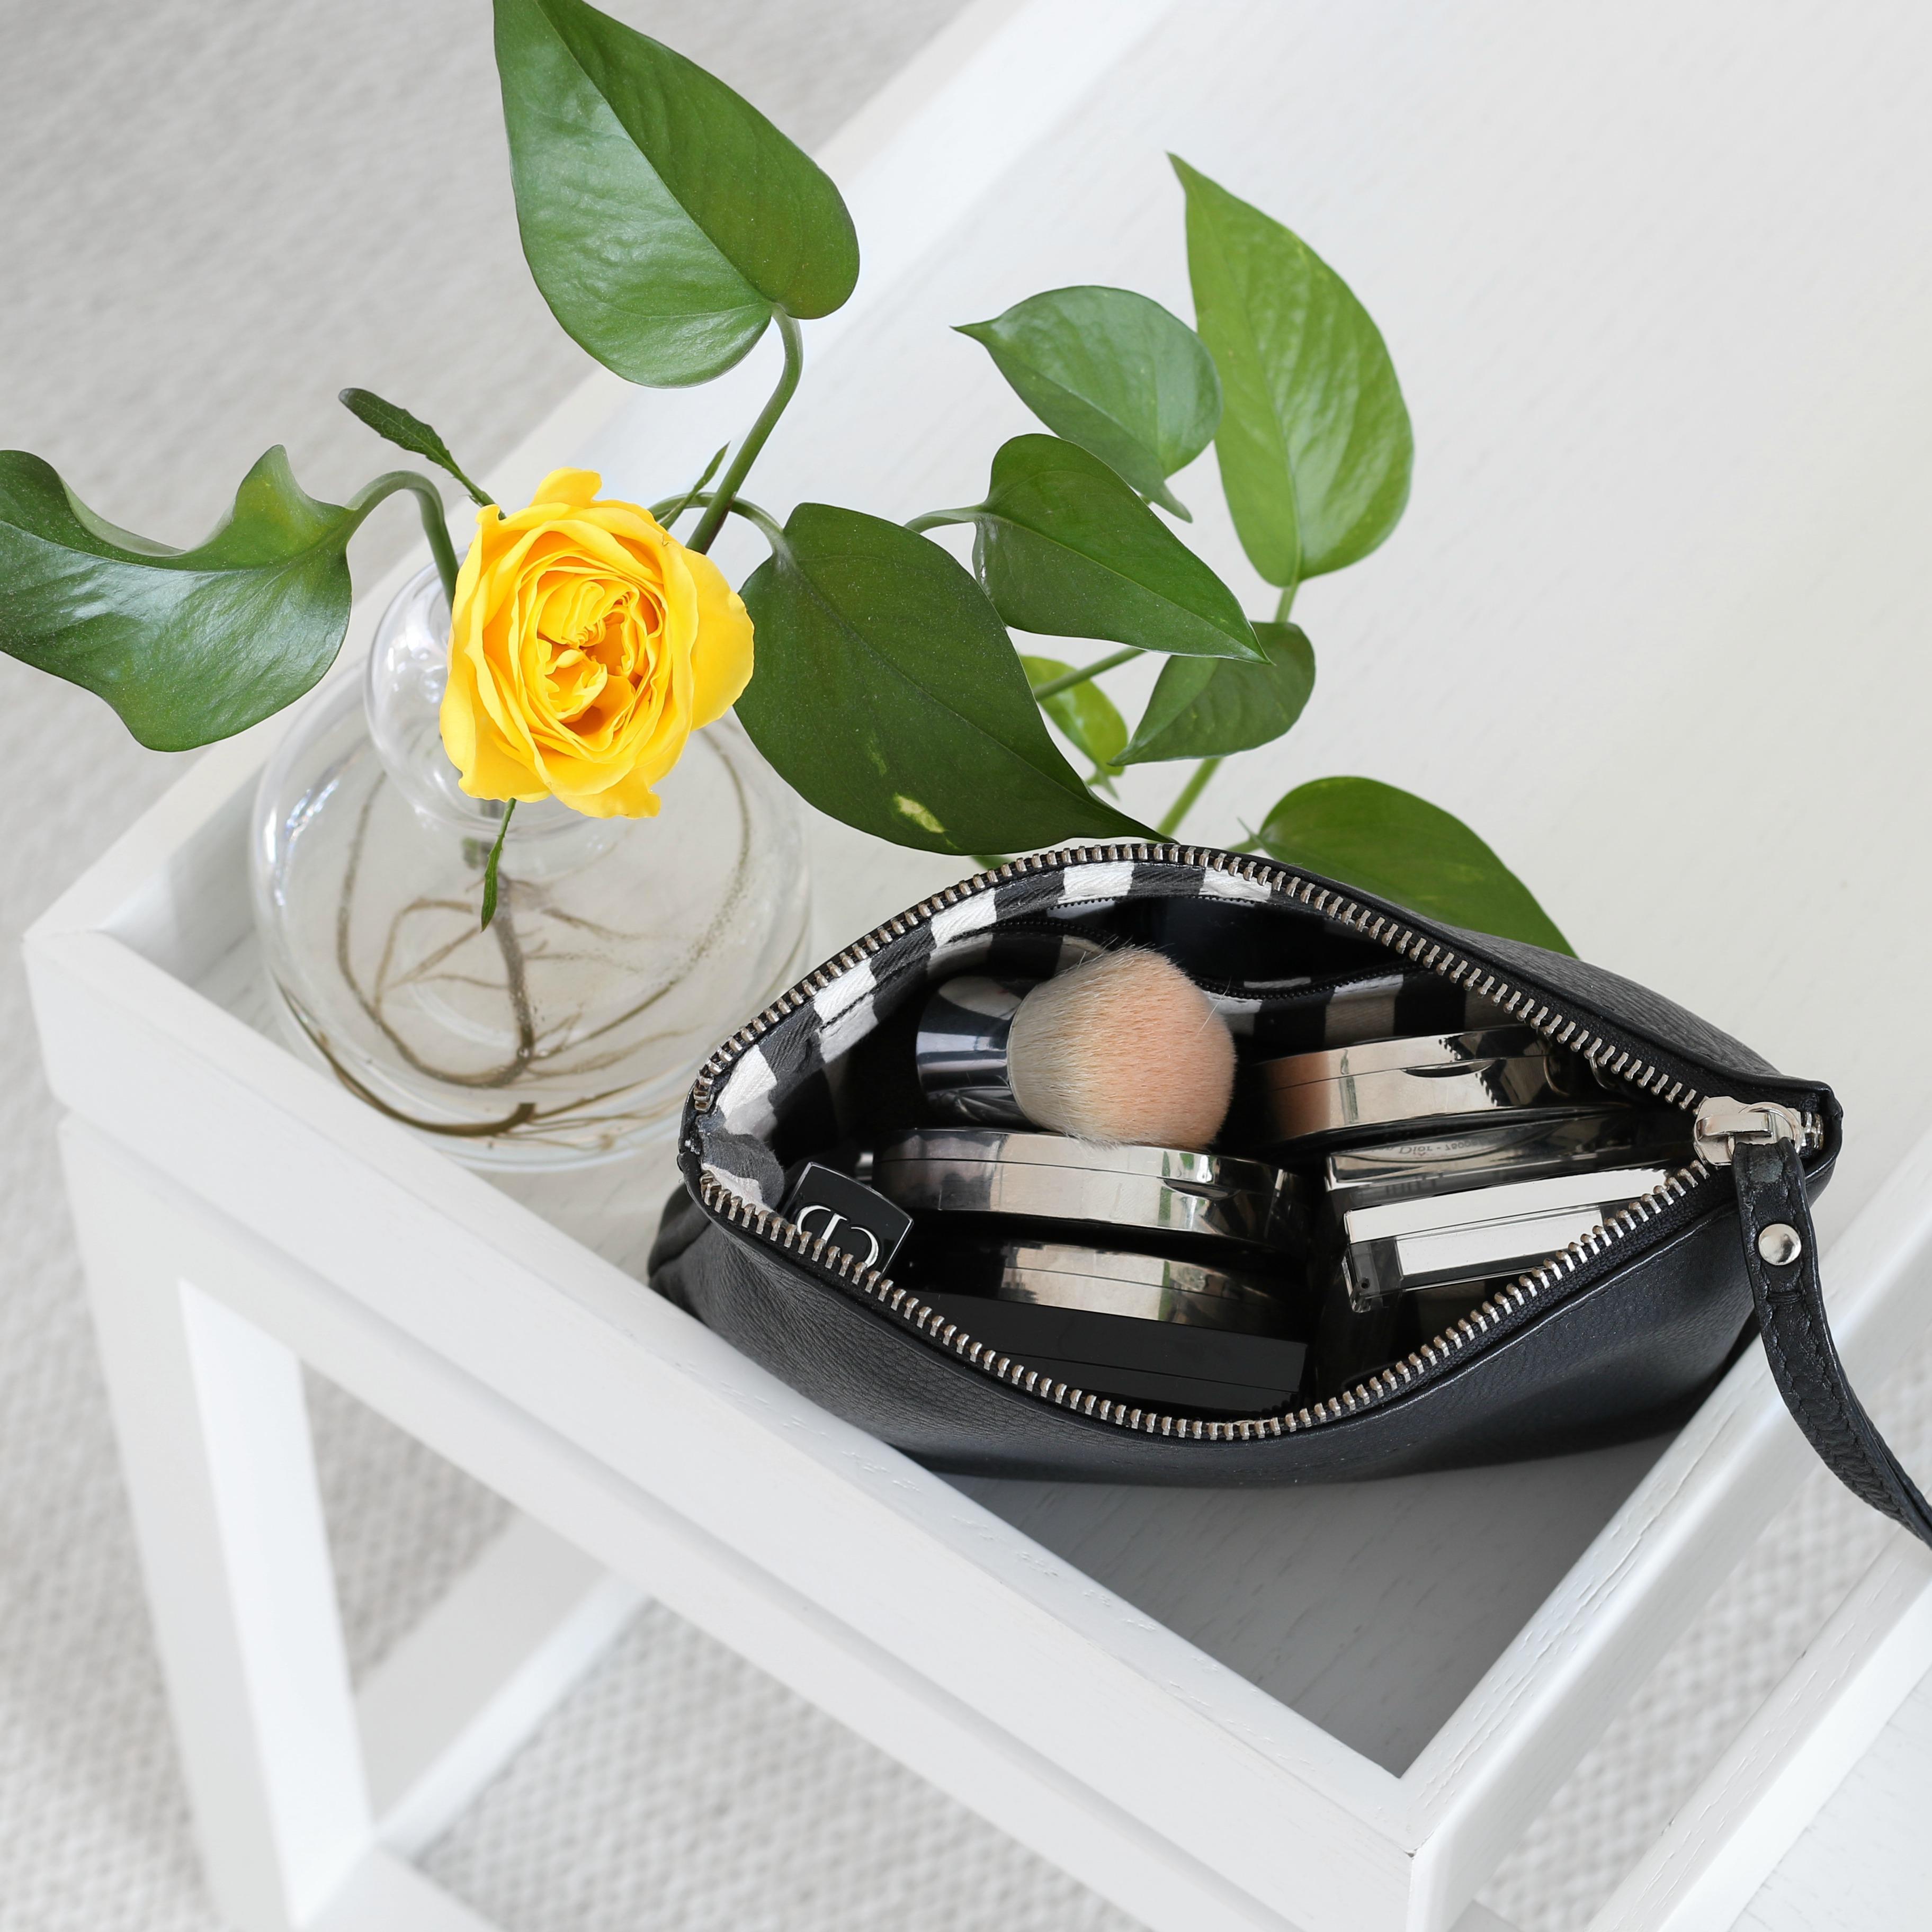 Omakotivalkoinen Minimalistin meikkipussi meikit